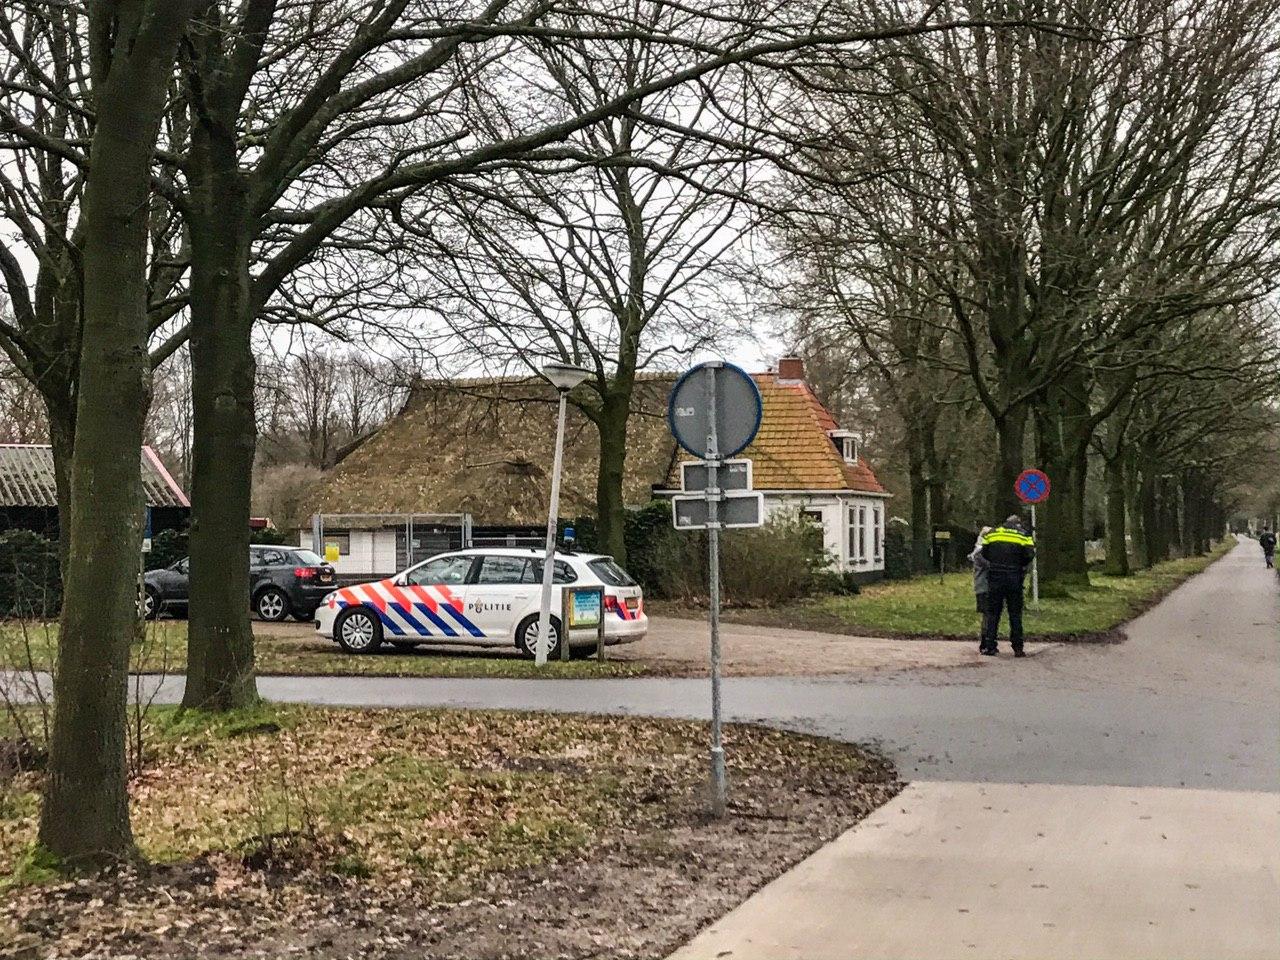 Burgernet: Twee jongens van 14 a 15 jaar gezocht voor poging beroving op de Overstesingel